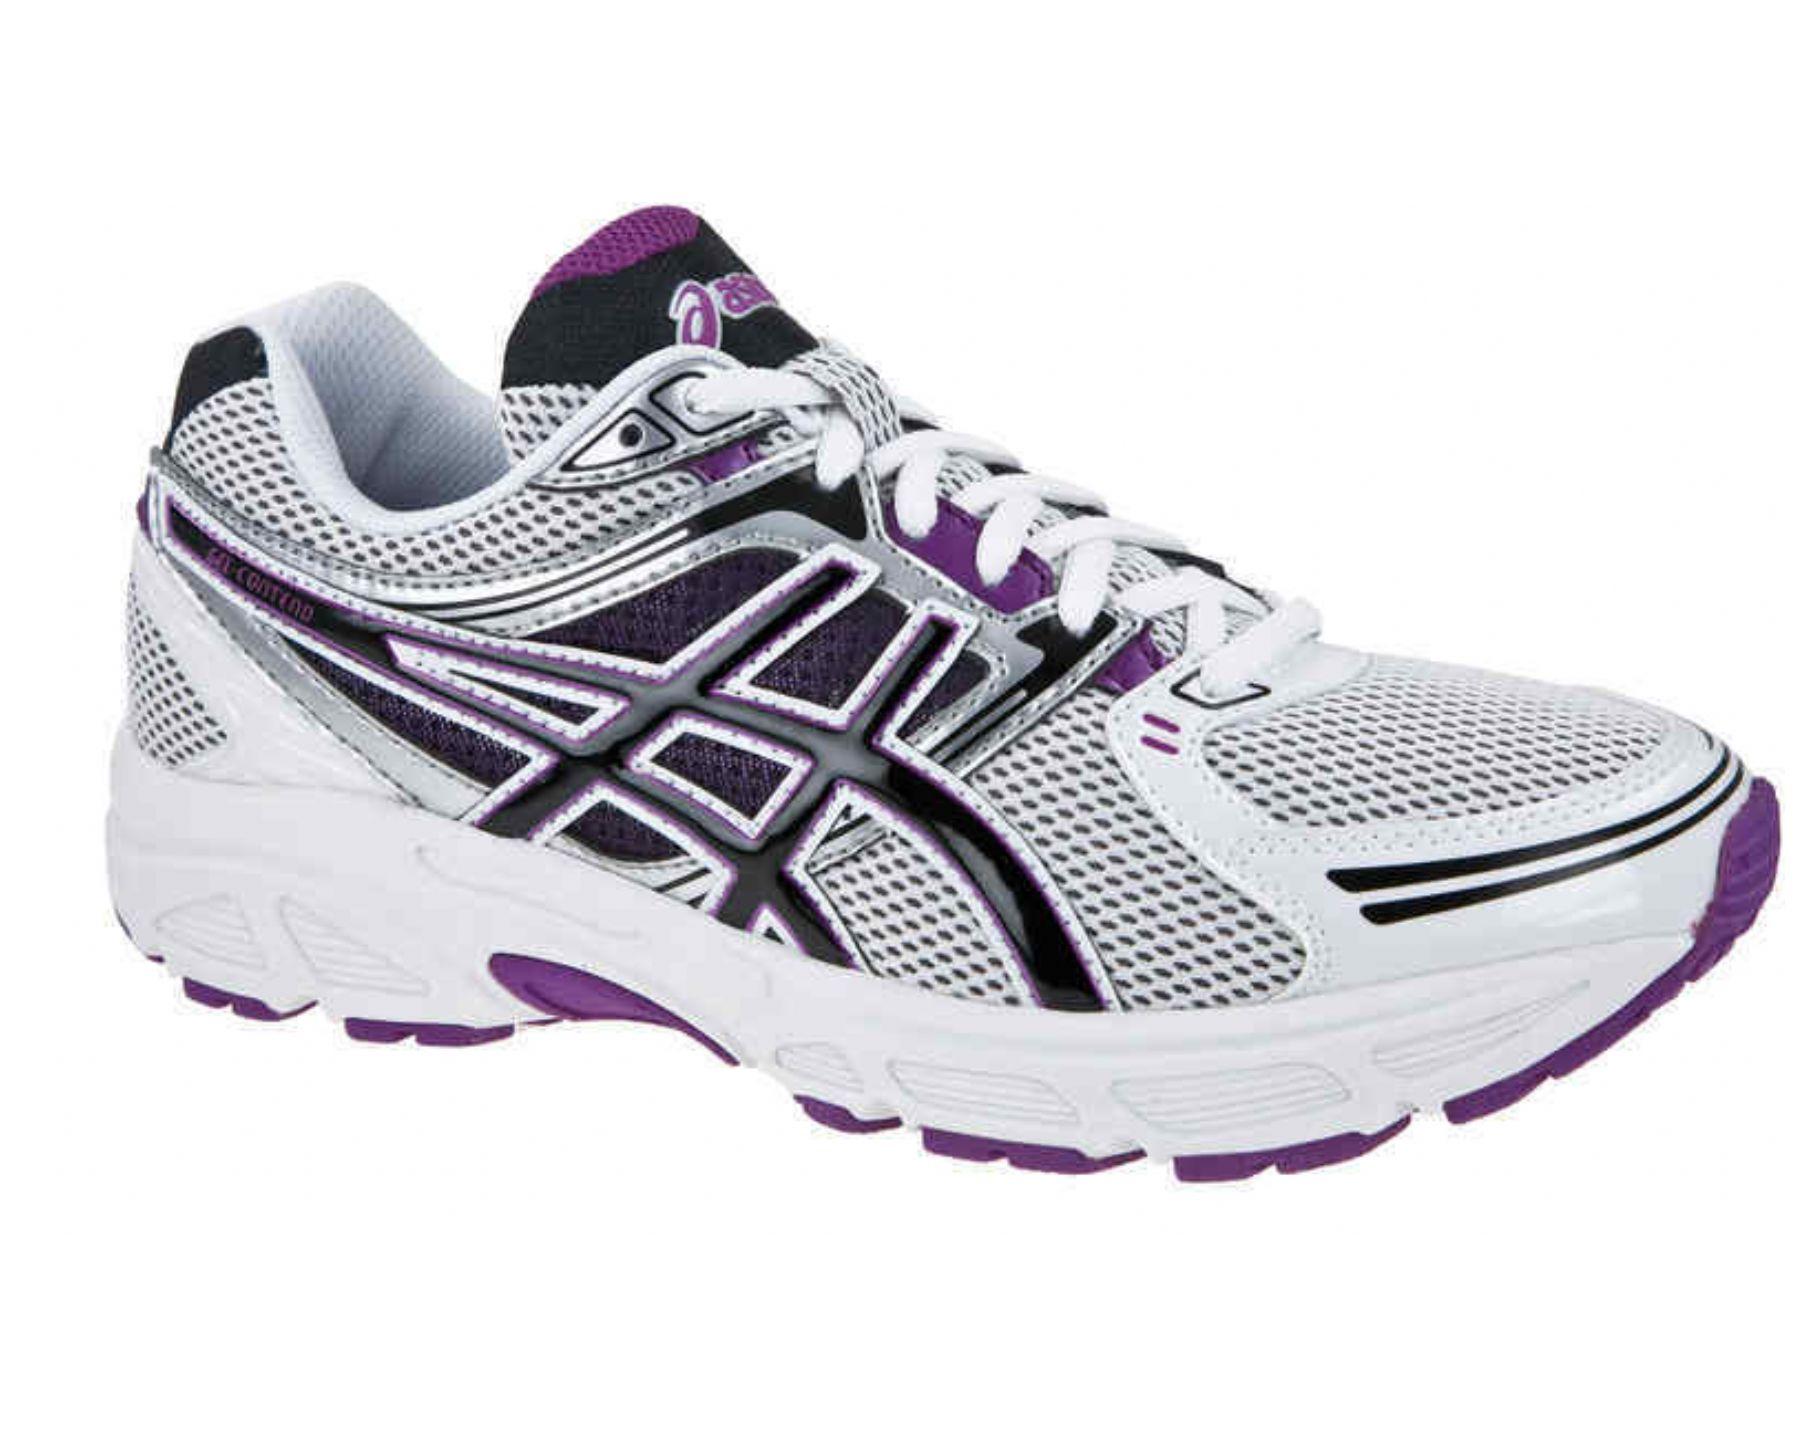 0c5b370d Обувь для бега должна иметь хорошую амортизацию